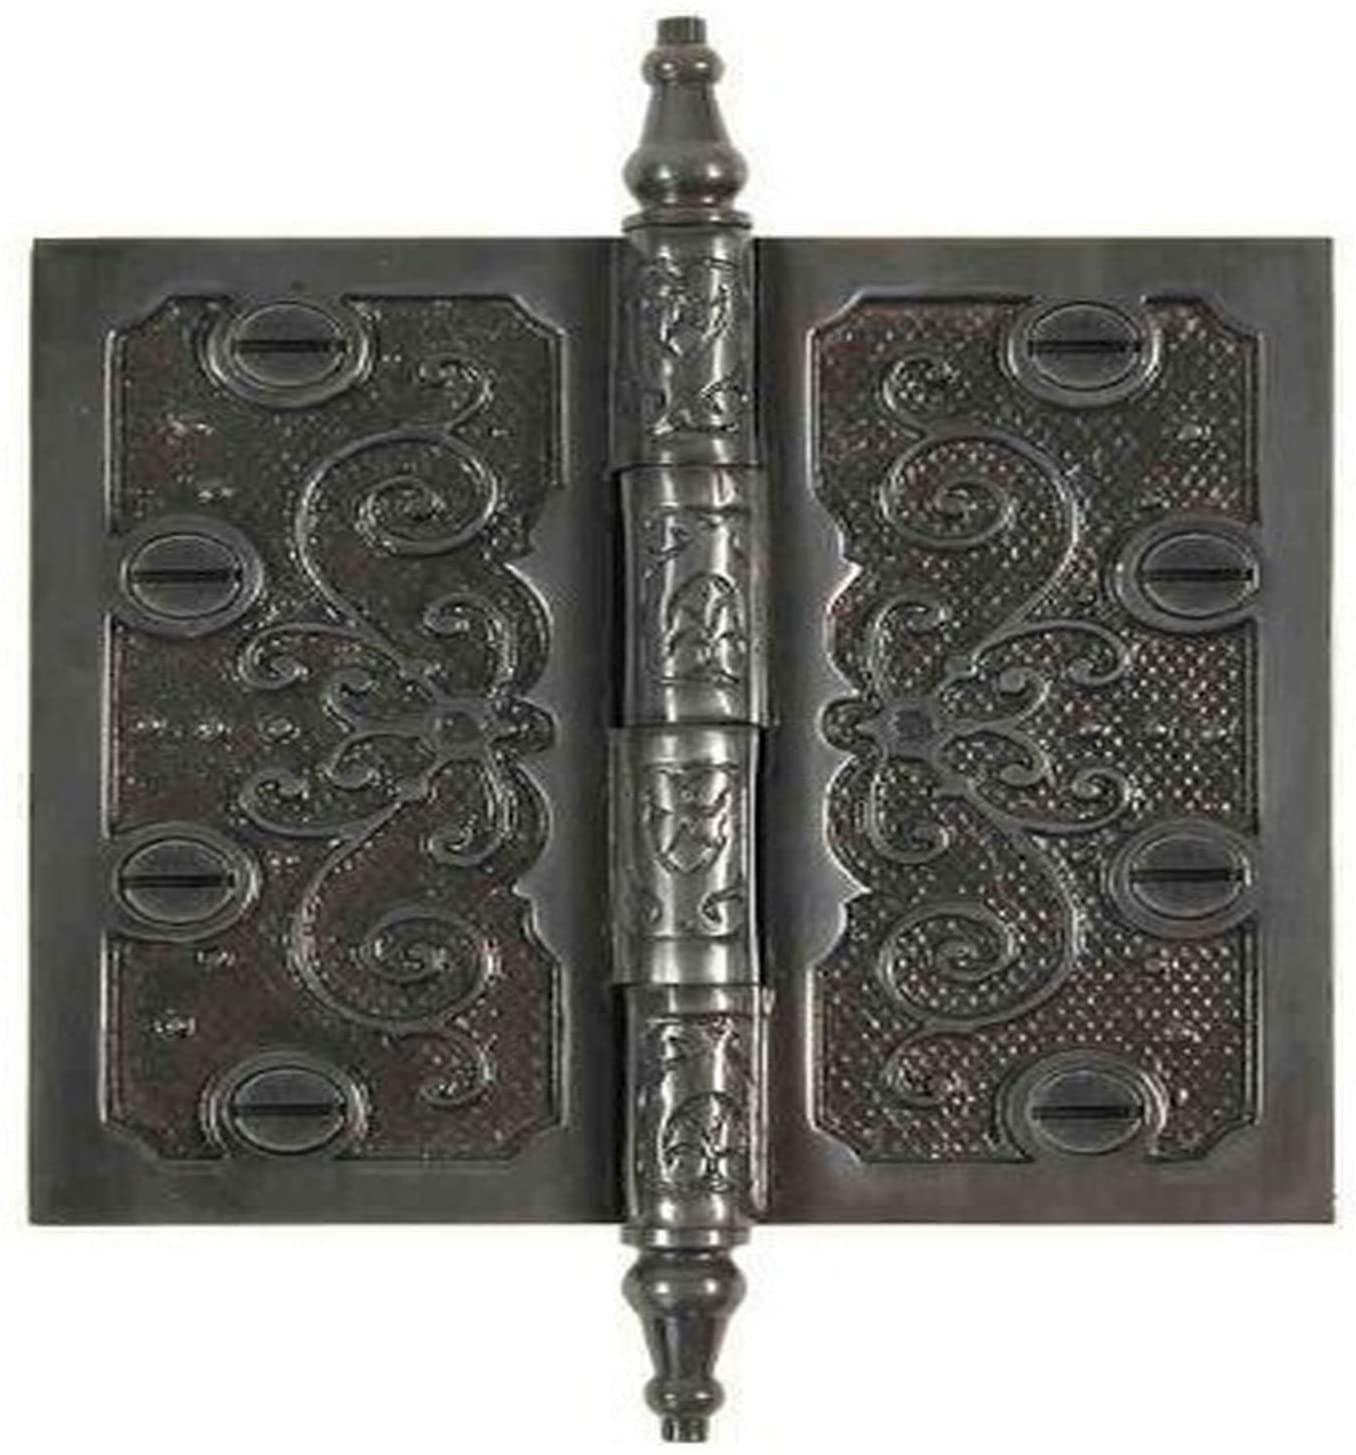 Brass Elegans LF003DBZ Solid Brass Lafayette Design 3.5-Inch Decorative Door Hinge with Brass Screws, Dark Bronze Finish